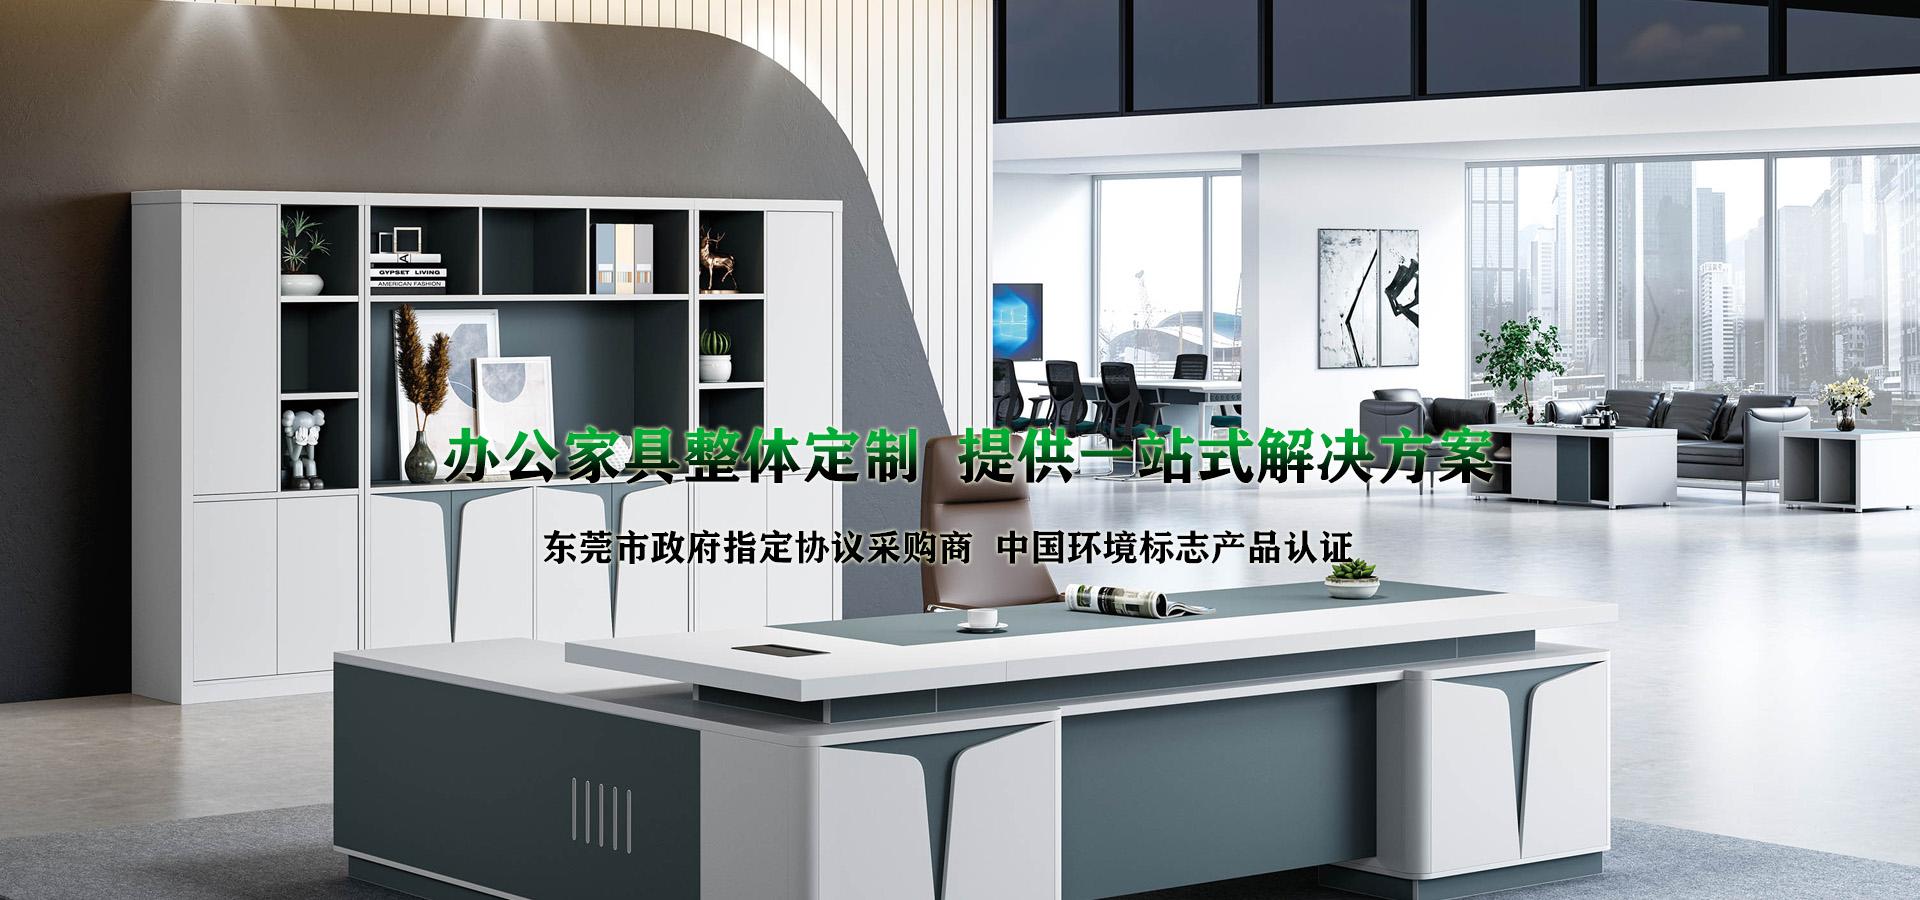 森旺家具-办公家具整体定制